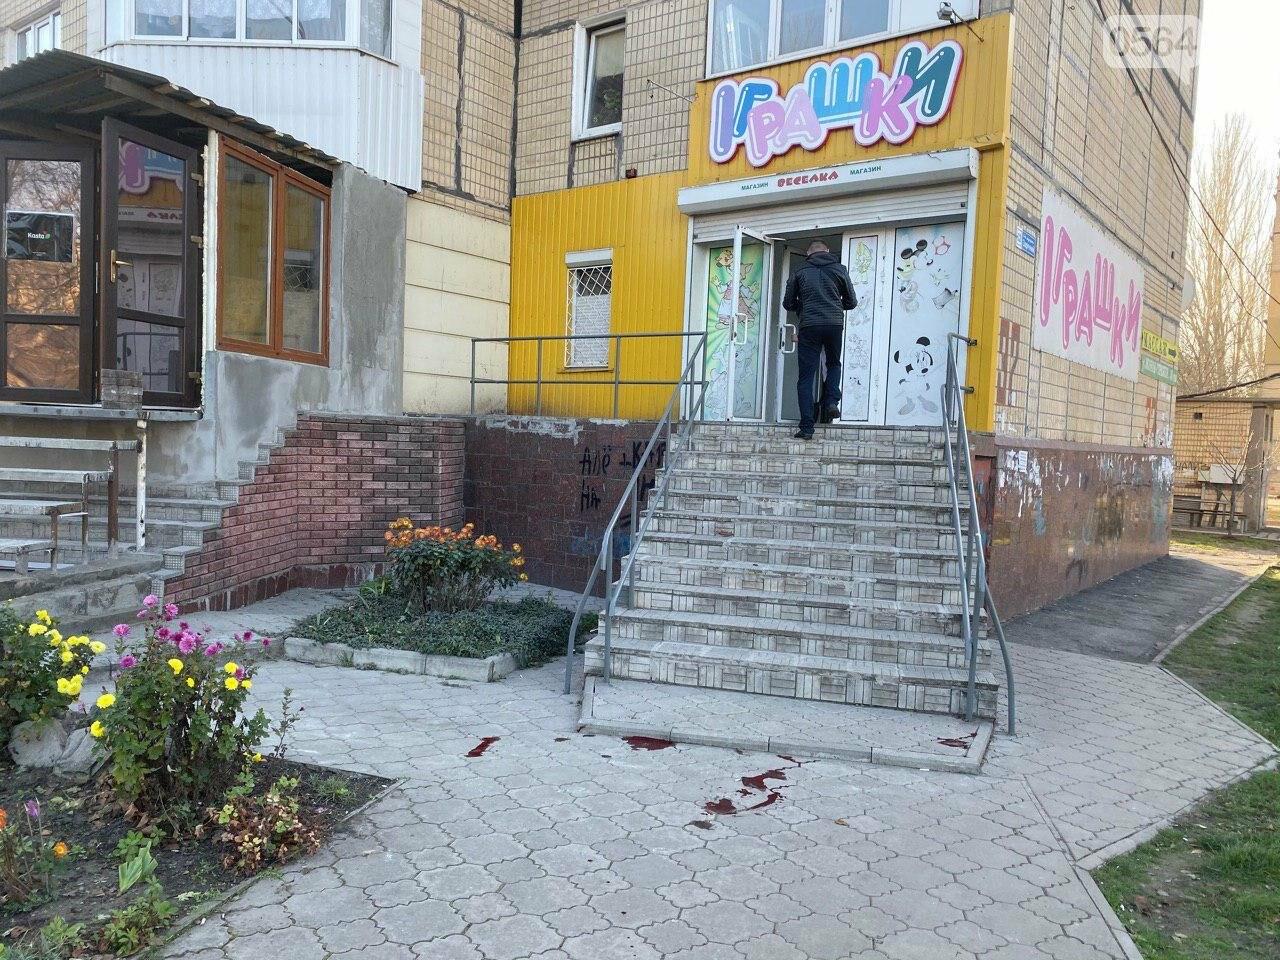 В Кривом Роге из окна 11 этажа выпал мужчина, - ФОТО 18+, фото-2